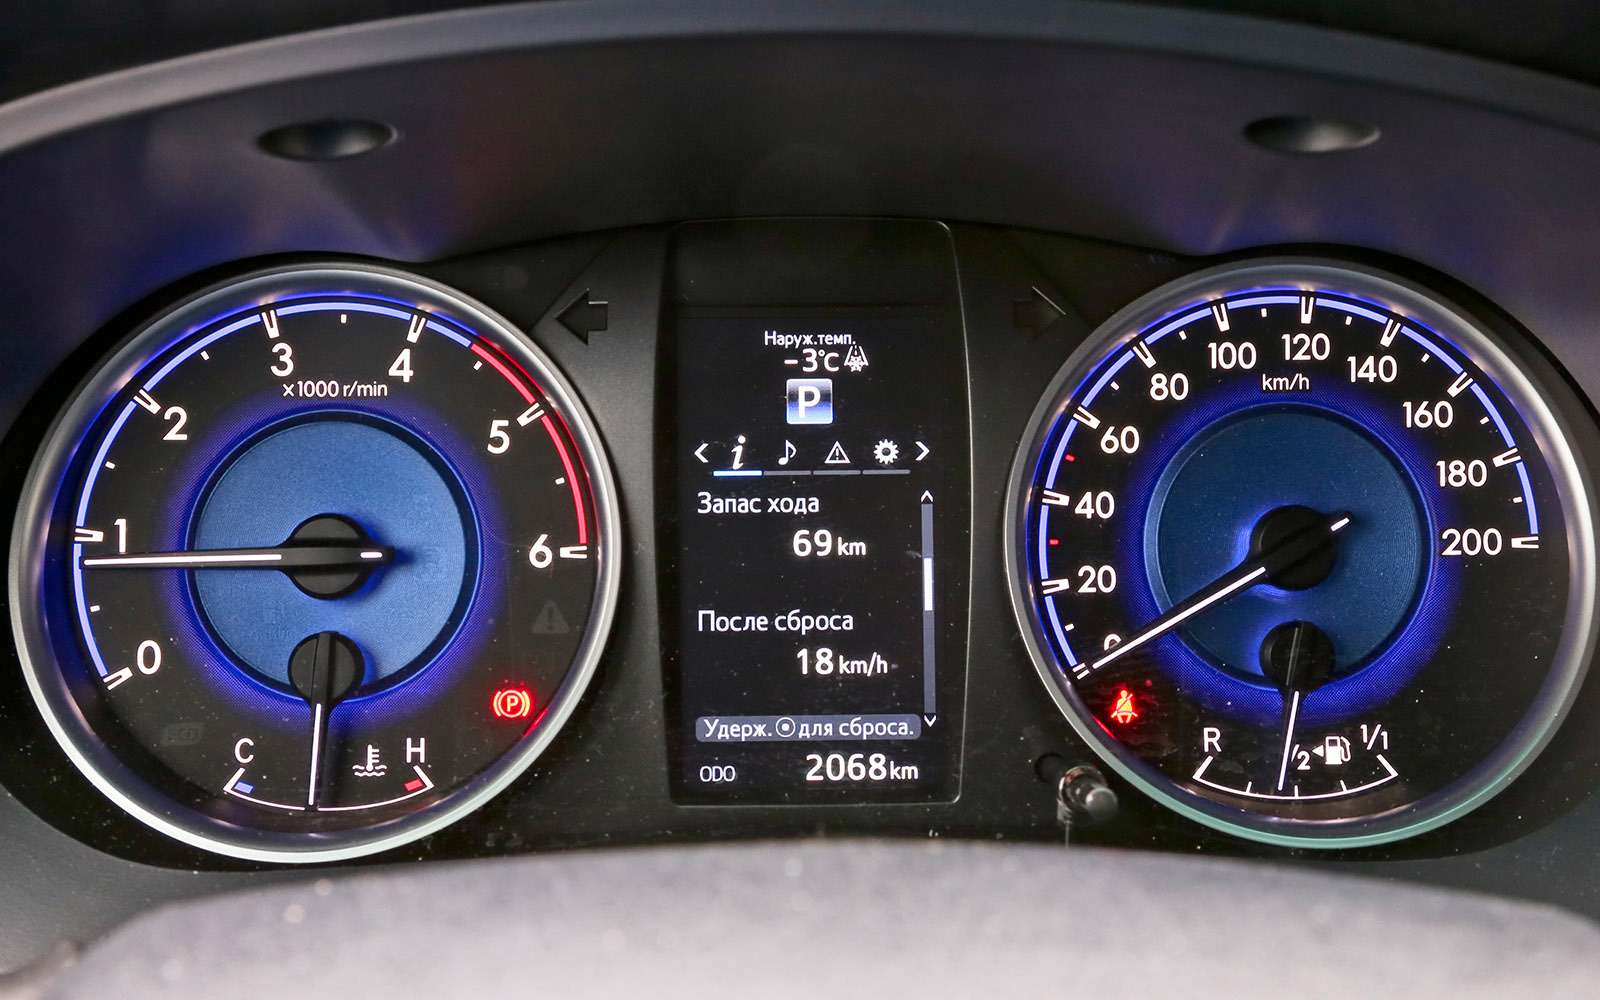 Пикапы Isuzu D-Max, Mitsubishi L200и Toyota Hilux: на«обортаж»!— фото 698437